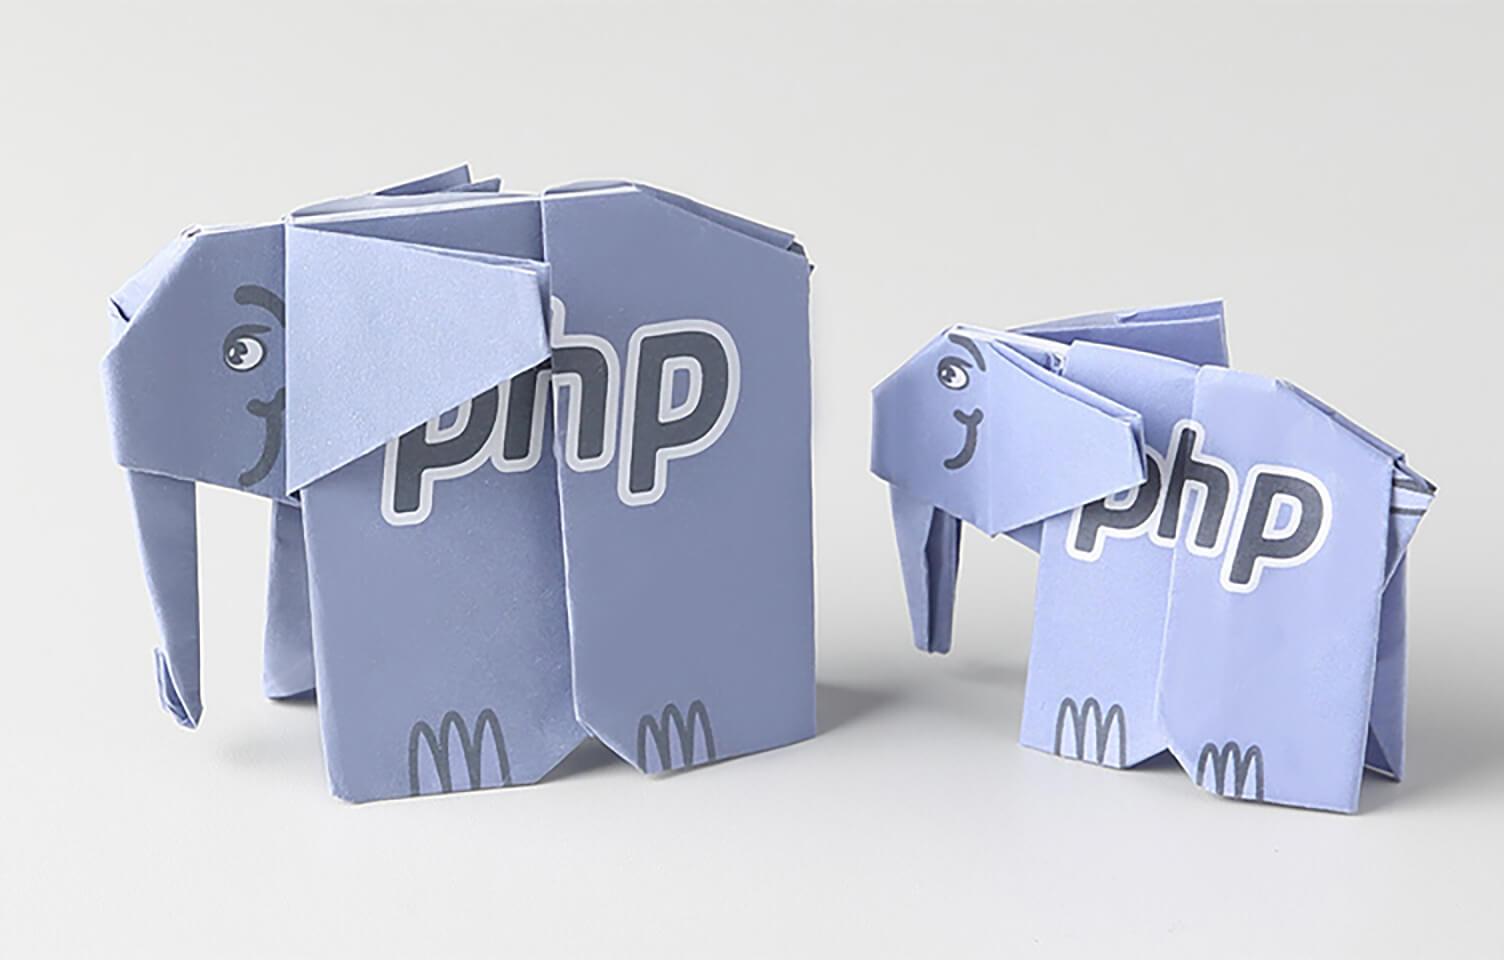 マスコットキャラクター「elePHPant」